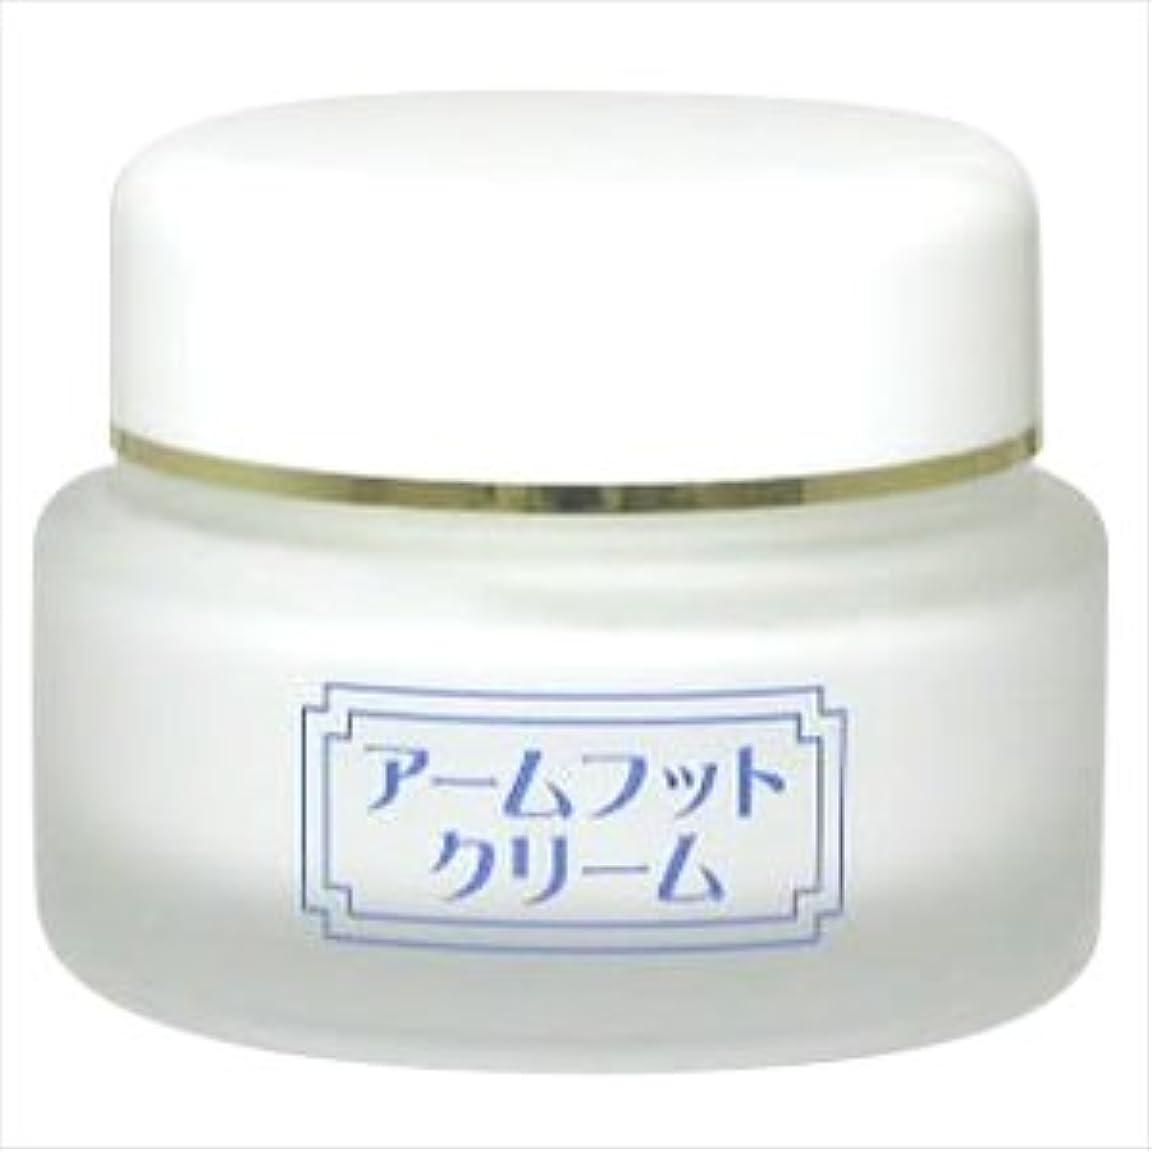 航空便広告主コードレス薬用デオドラントクリーム アームフットクリーム(20g) (1個)